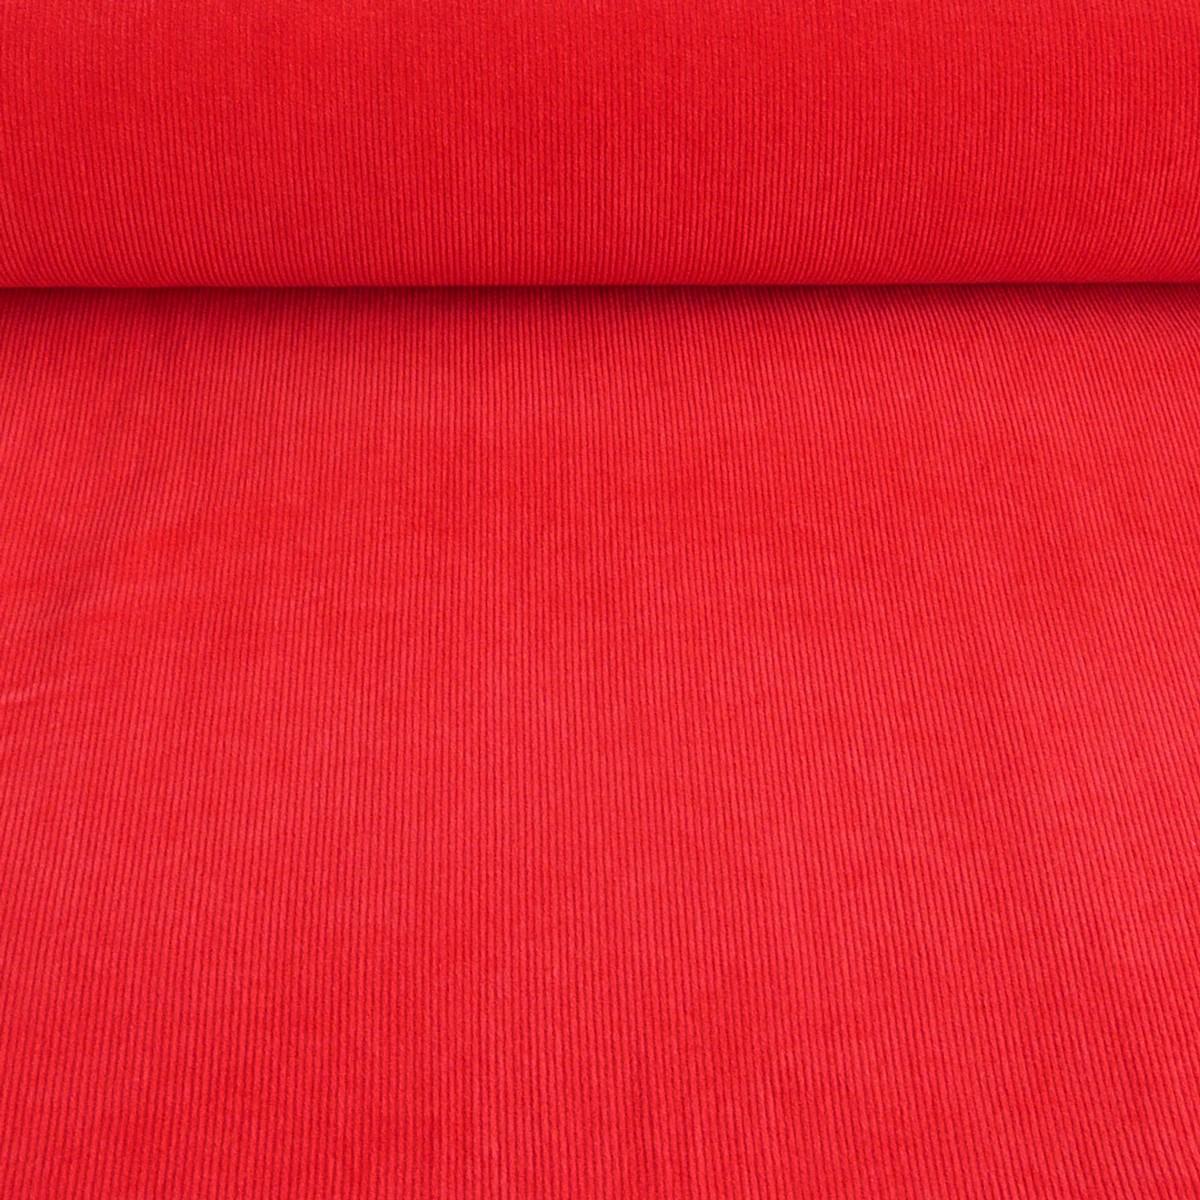 Bekleidungsstoff Cord einfarbig rot